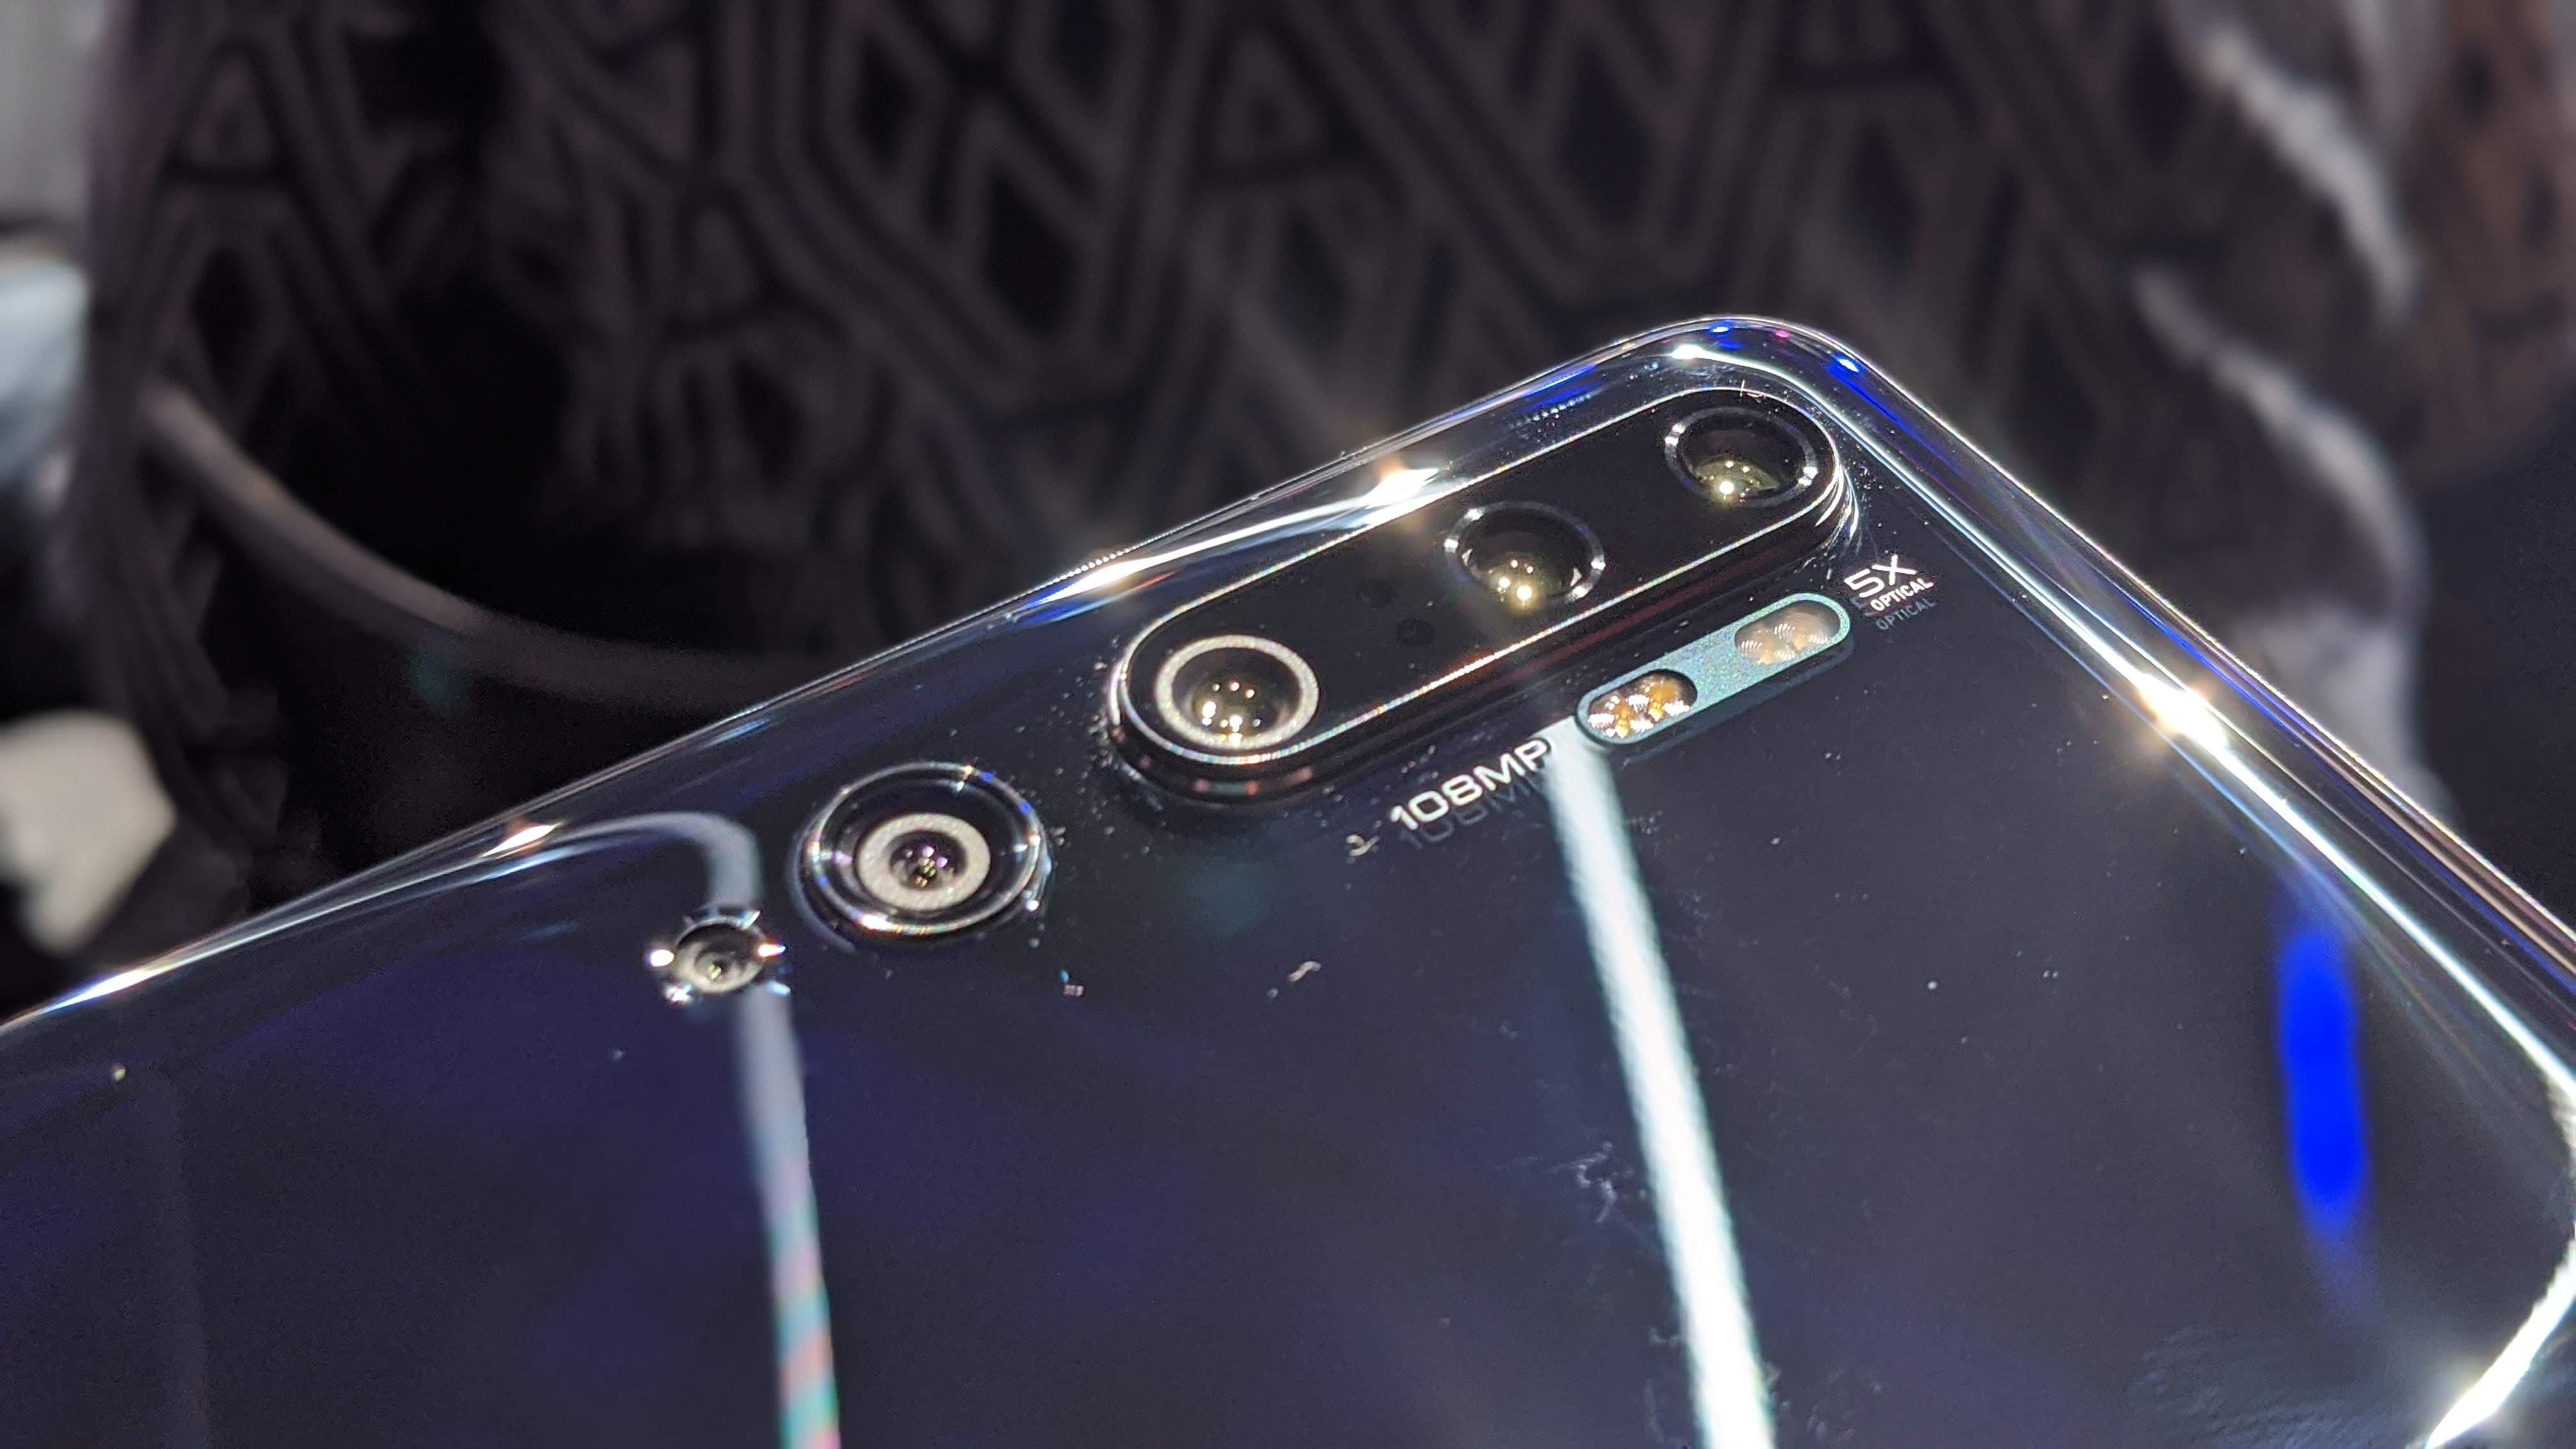 Image 1 : Test photo du smartphone Xiaomi Mi Note 10 contre le Google Pixel 4